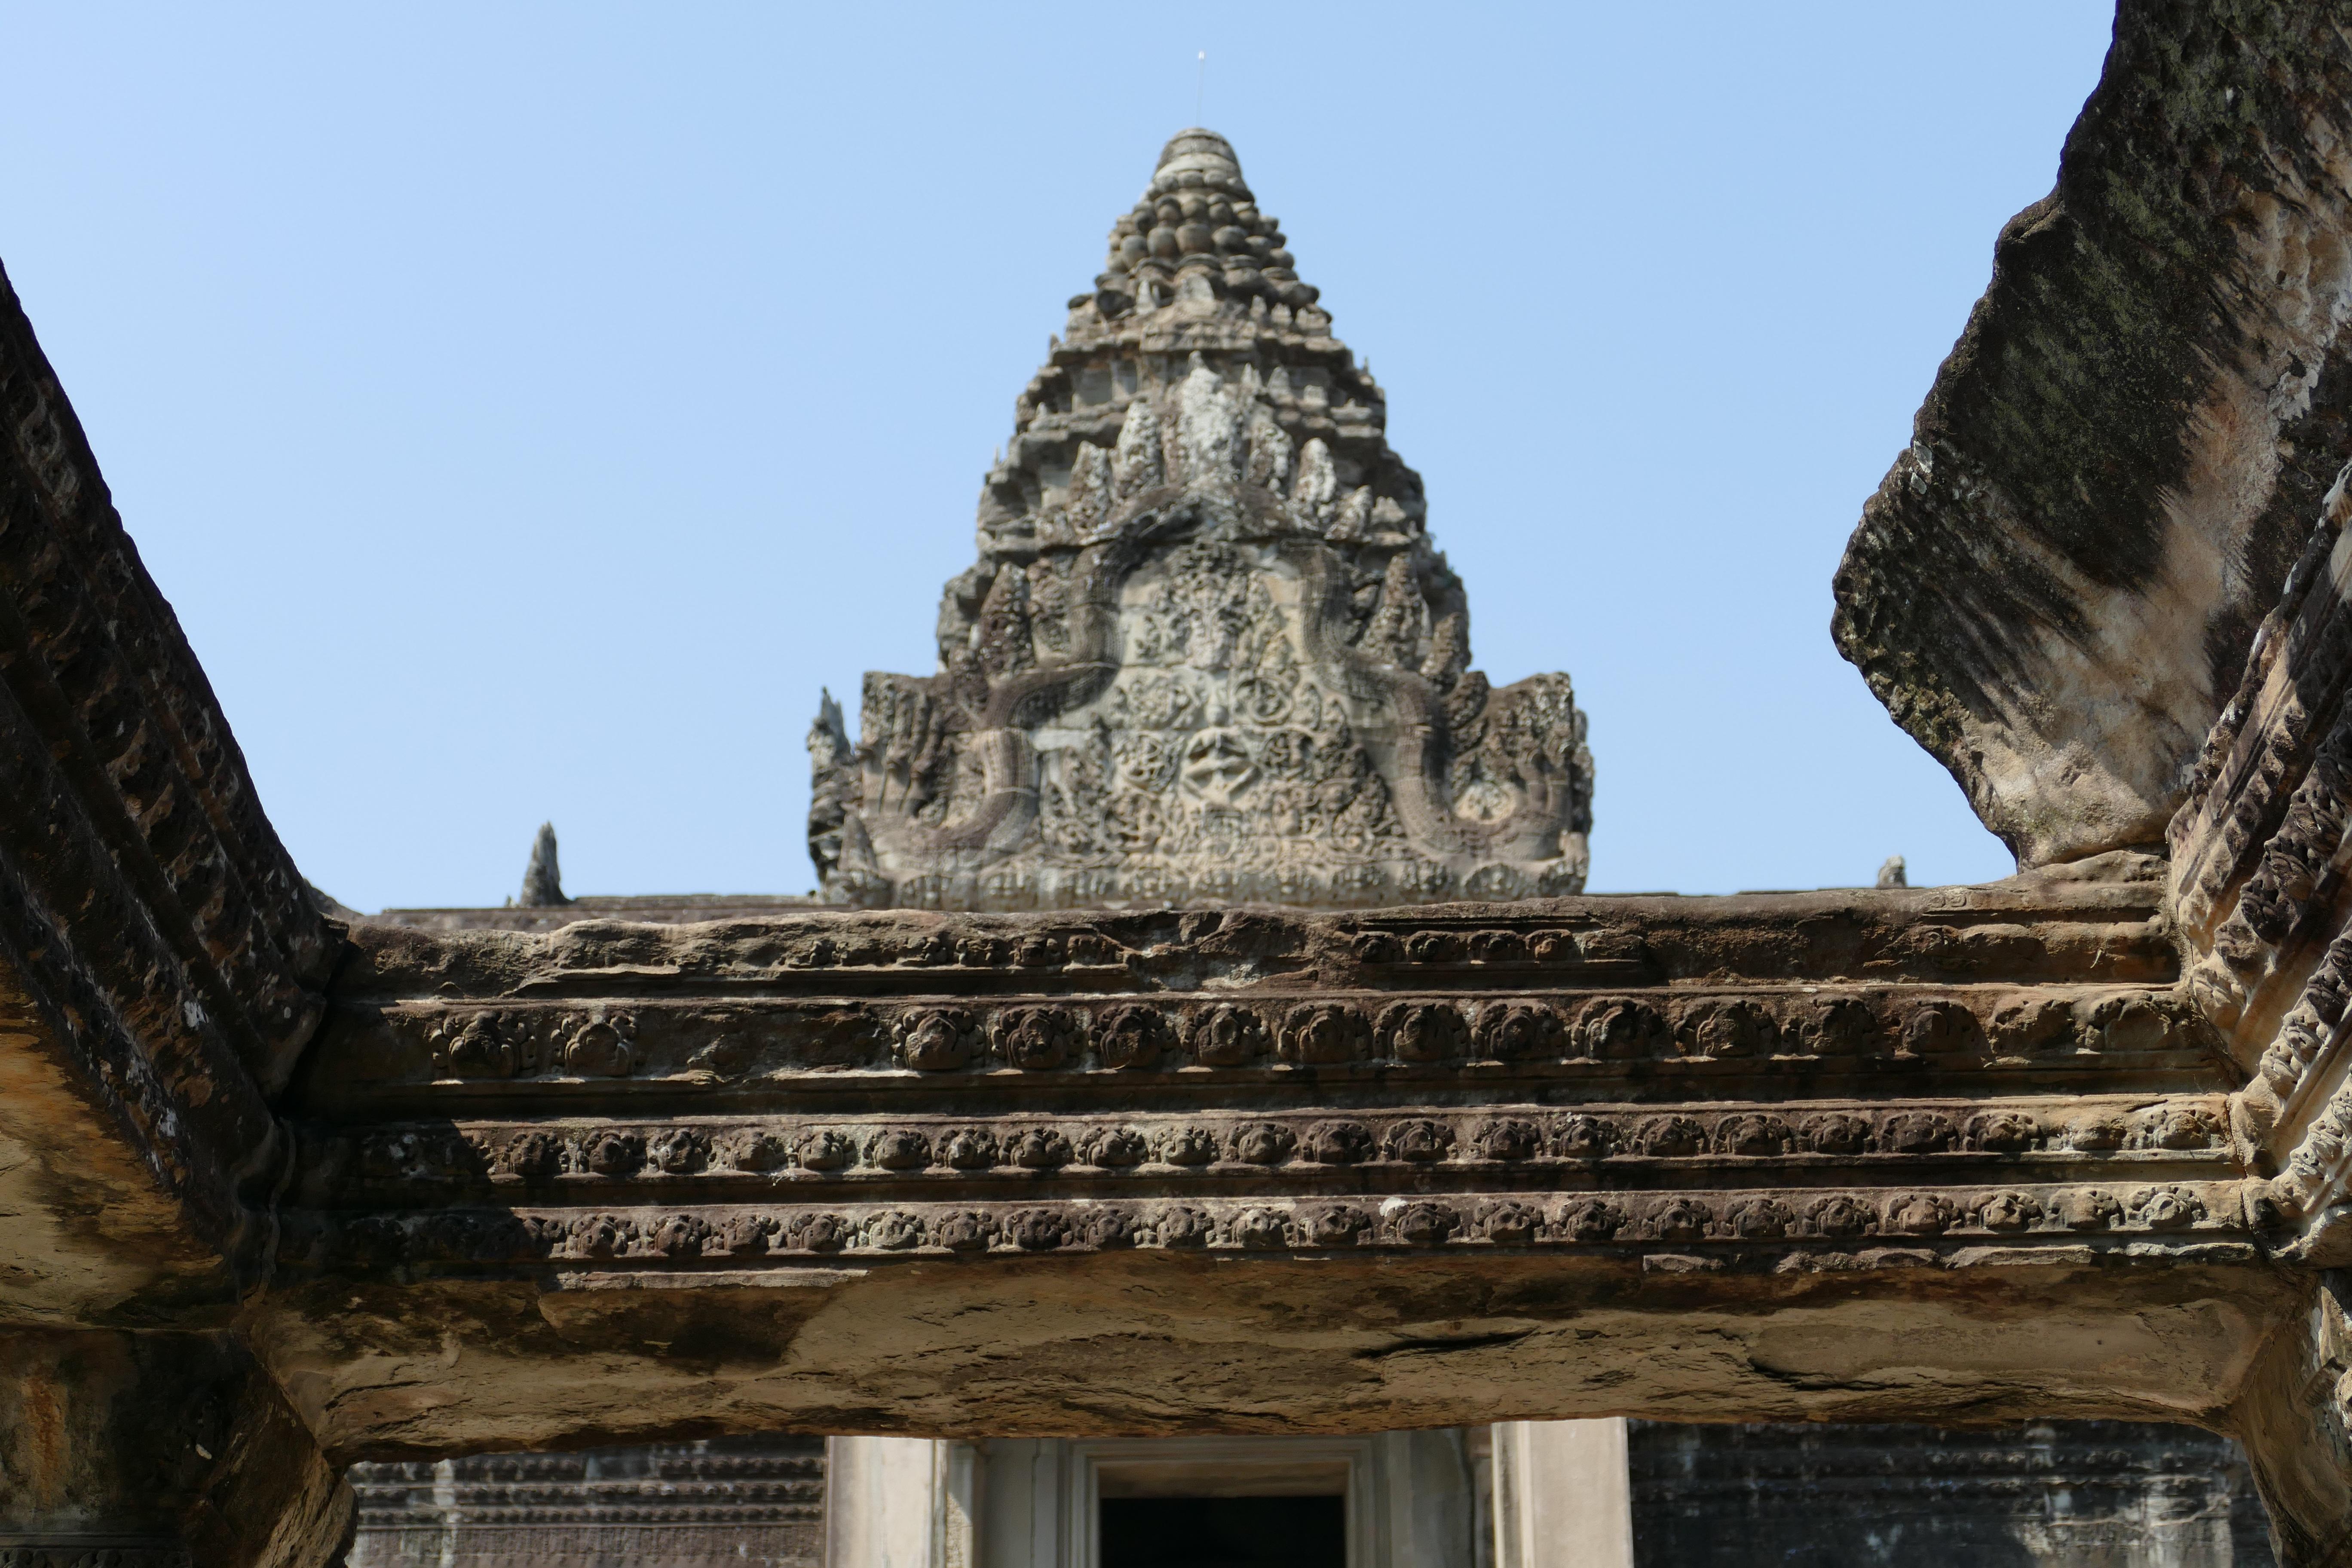 กัมพูชา ได้แก่ เมืองพระนครและปราสาทพระวิหาร